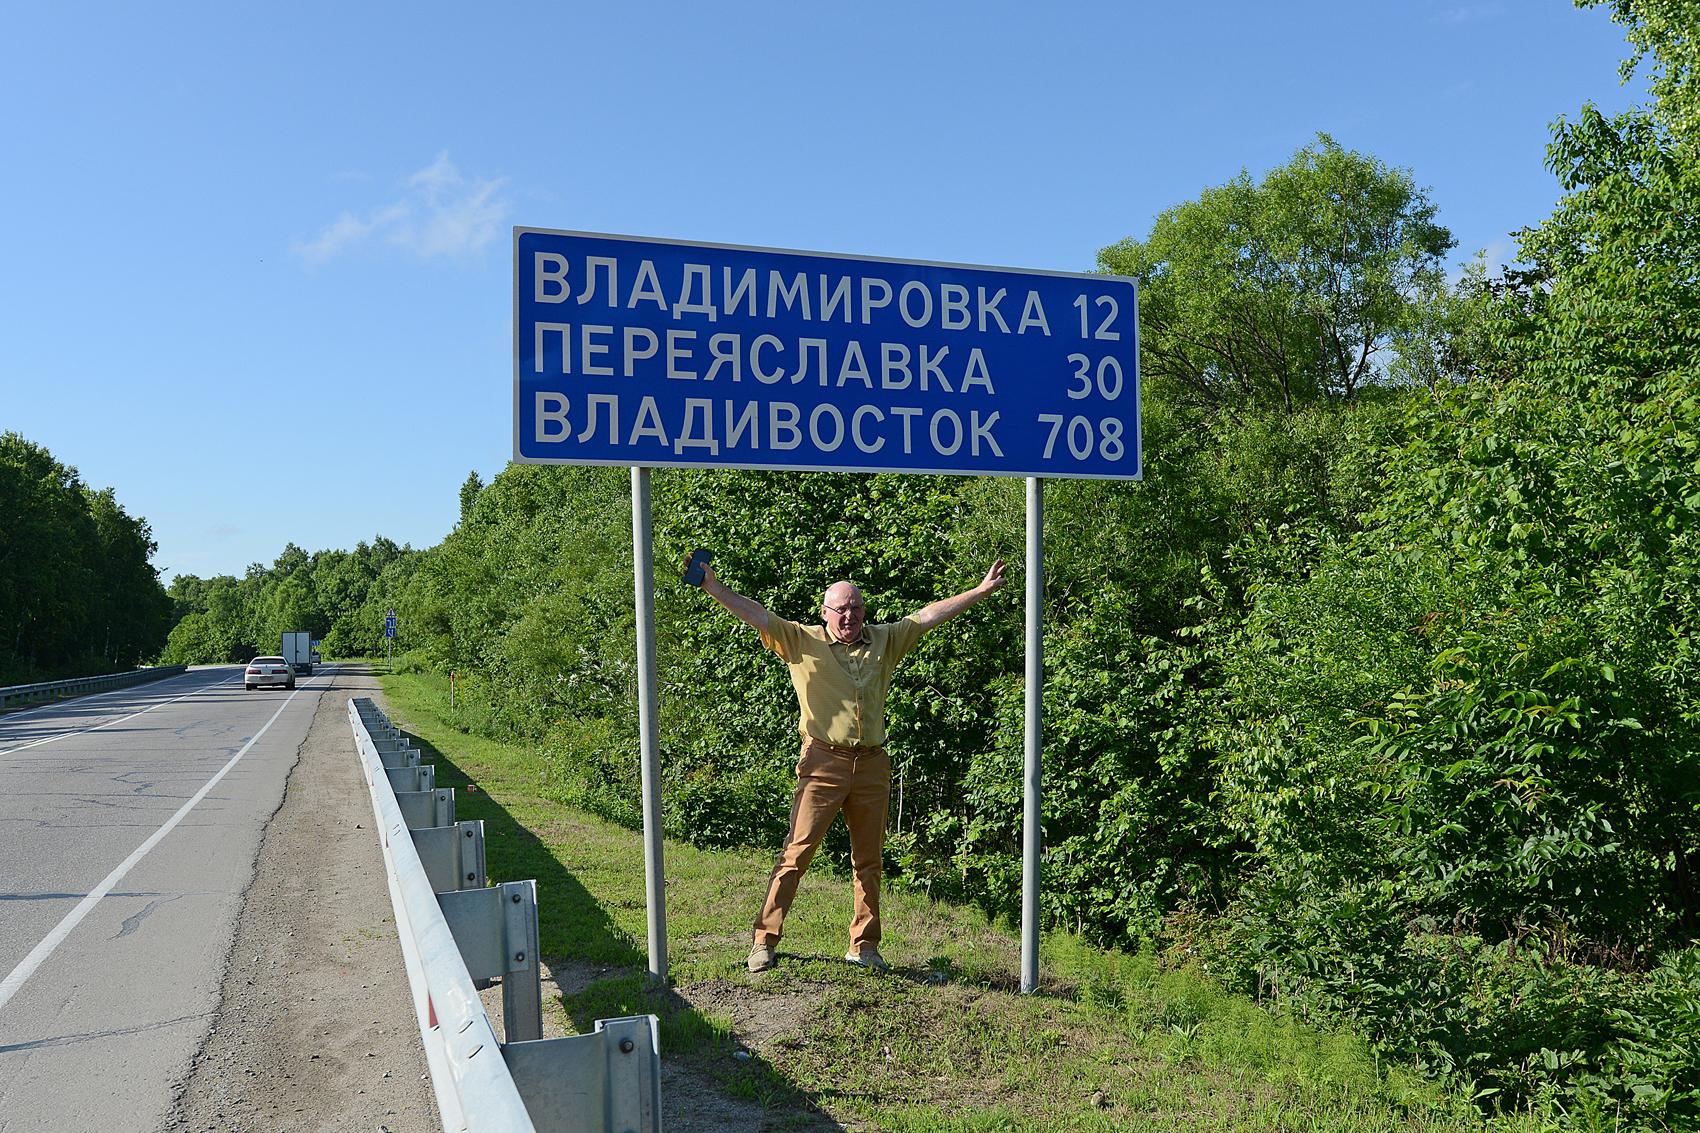 Oussouriisk